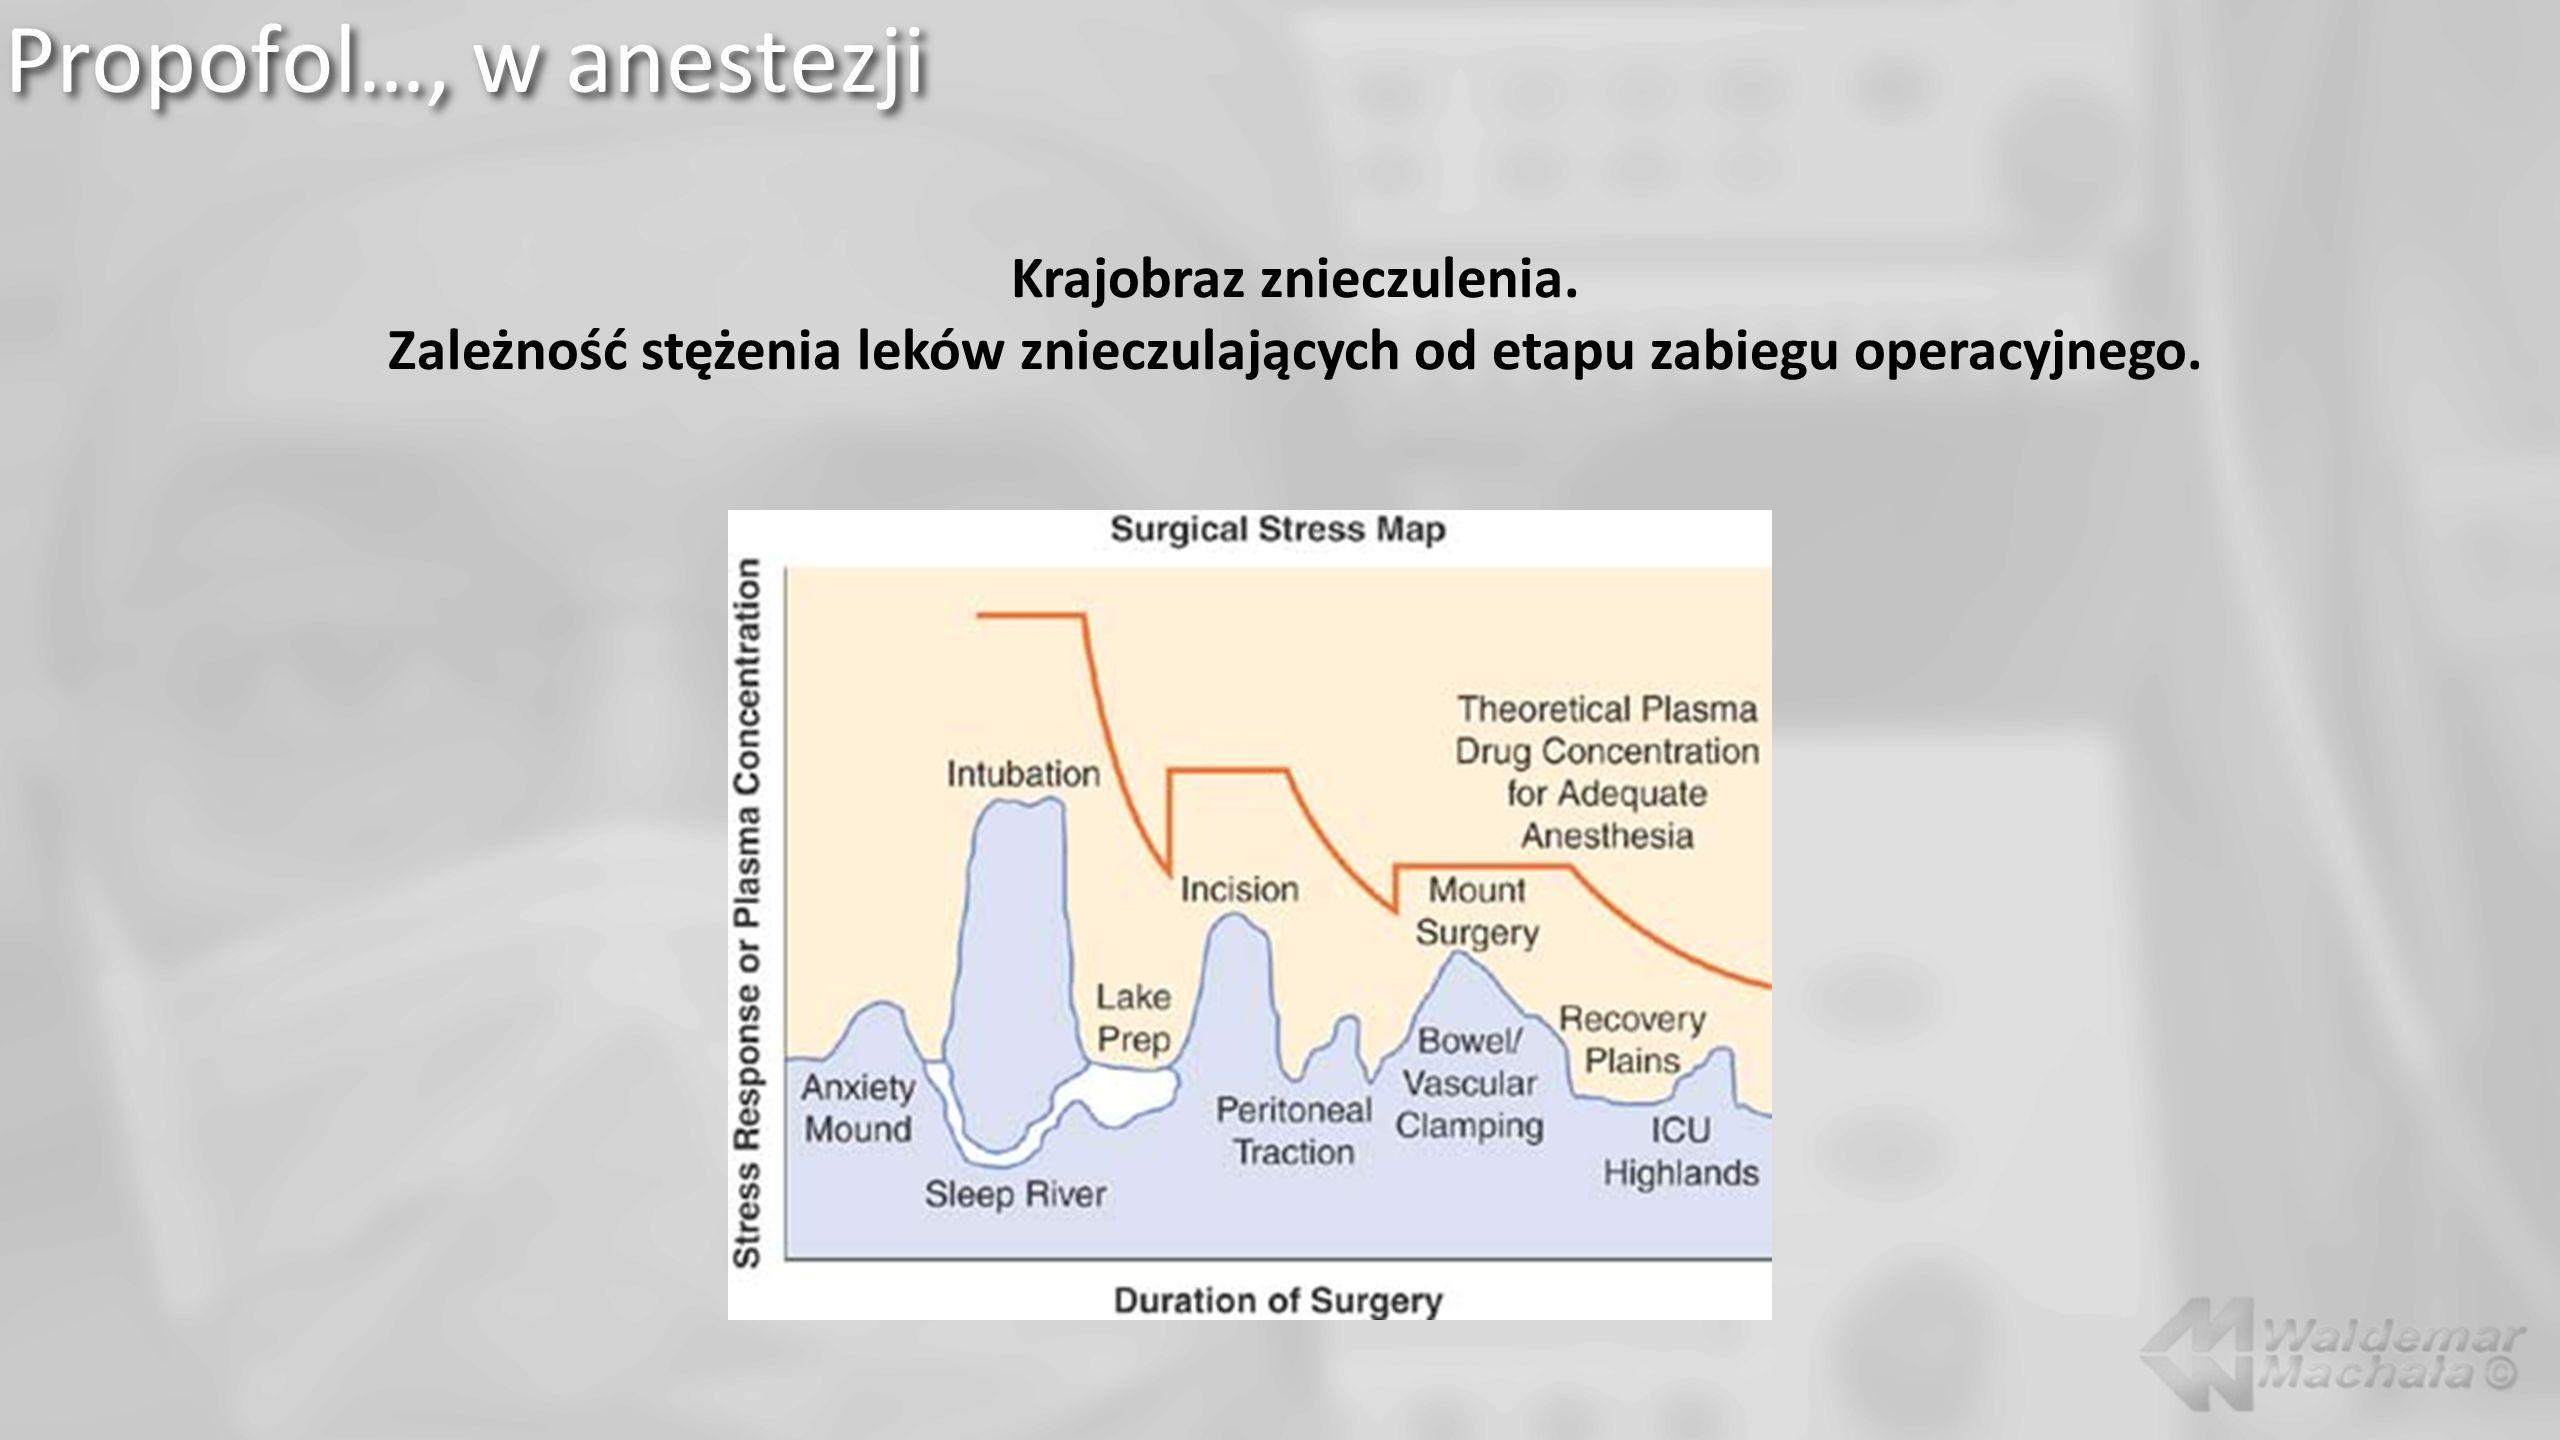 Propofol…, w anestezji Krajobraz znieczulenia. Zależność stężenia leków znieczulających od etapu zabiegu operacyjnego.